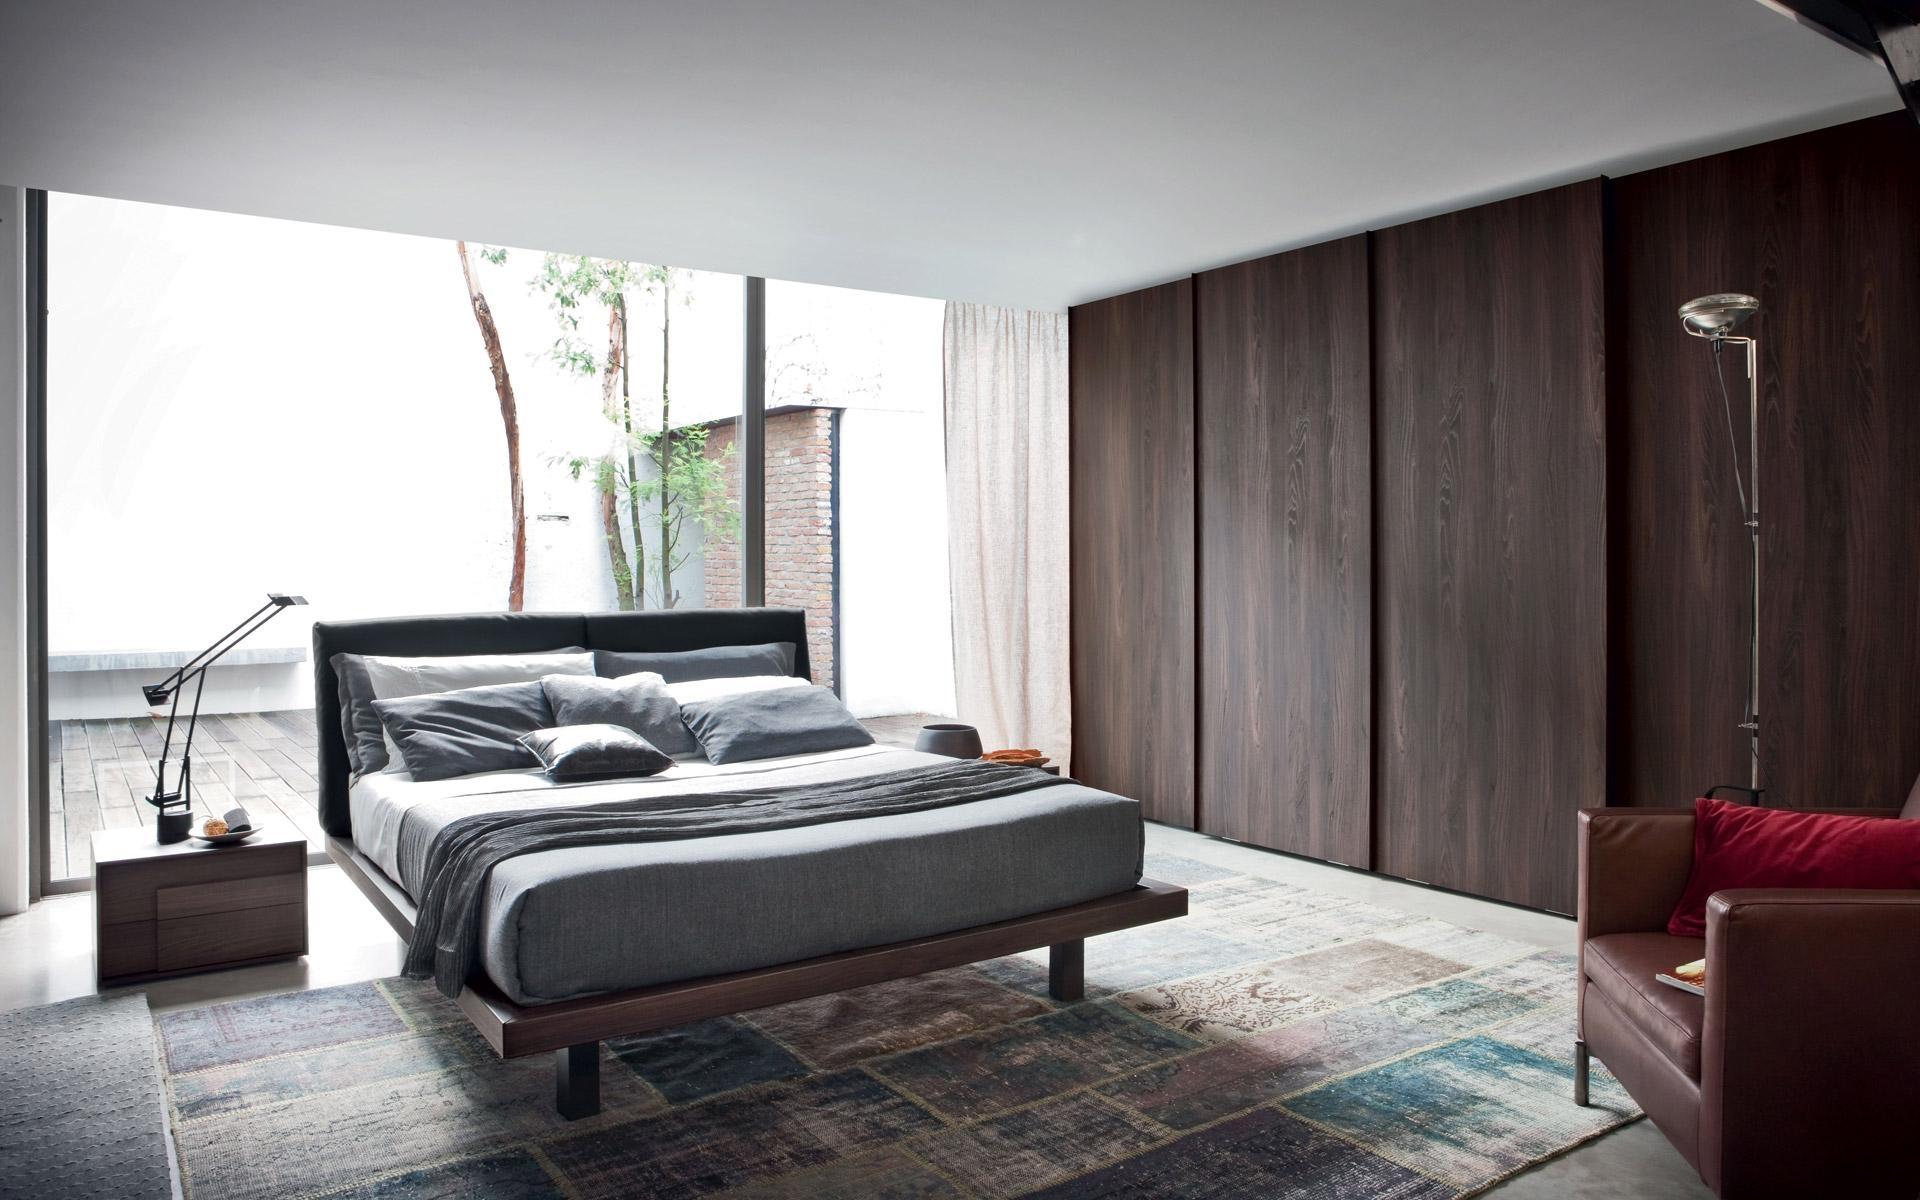 Camera da letto matrimoniale completa in promozione for Aziende camere da letto